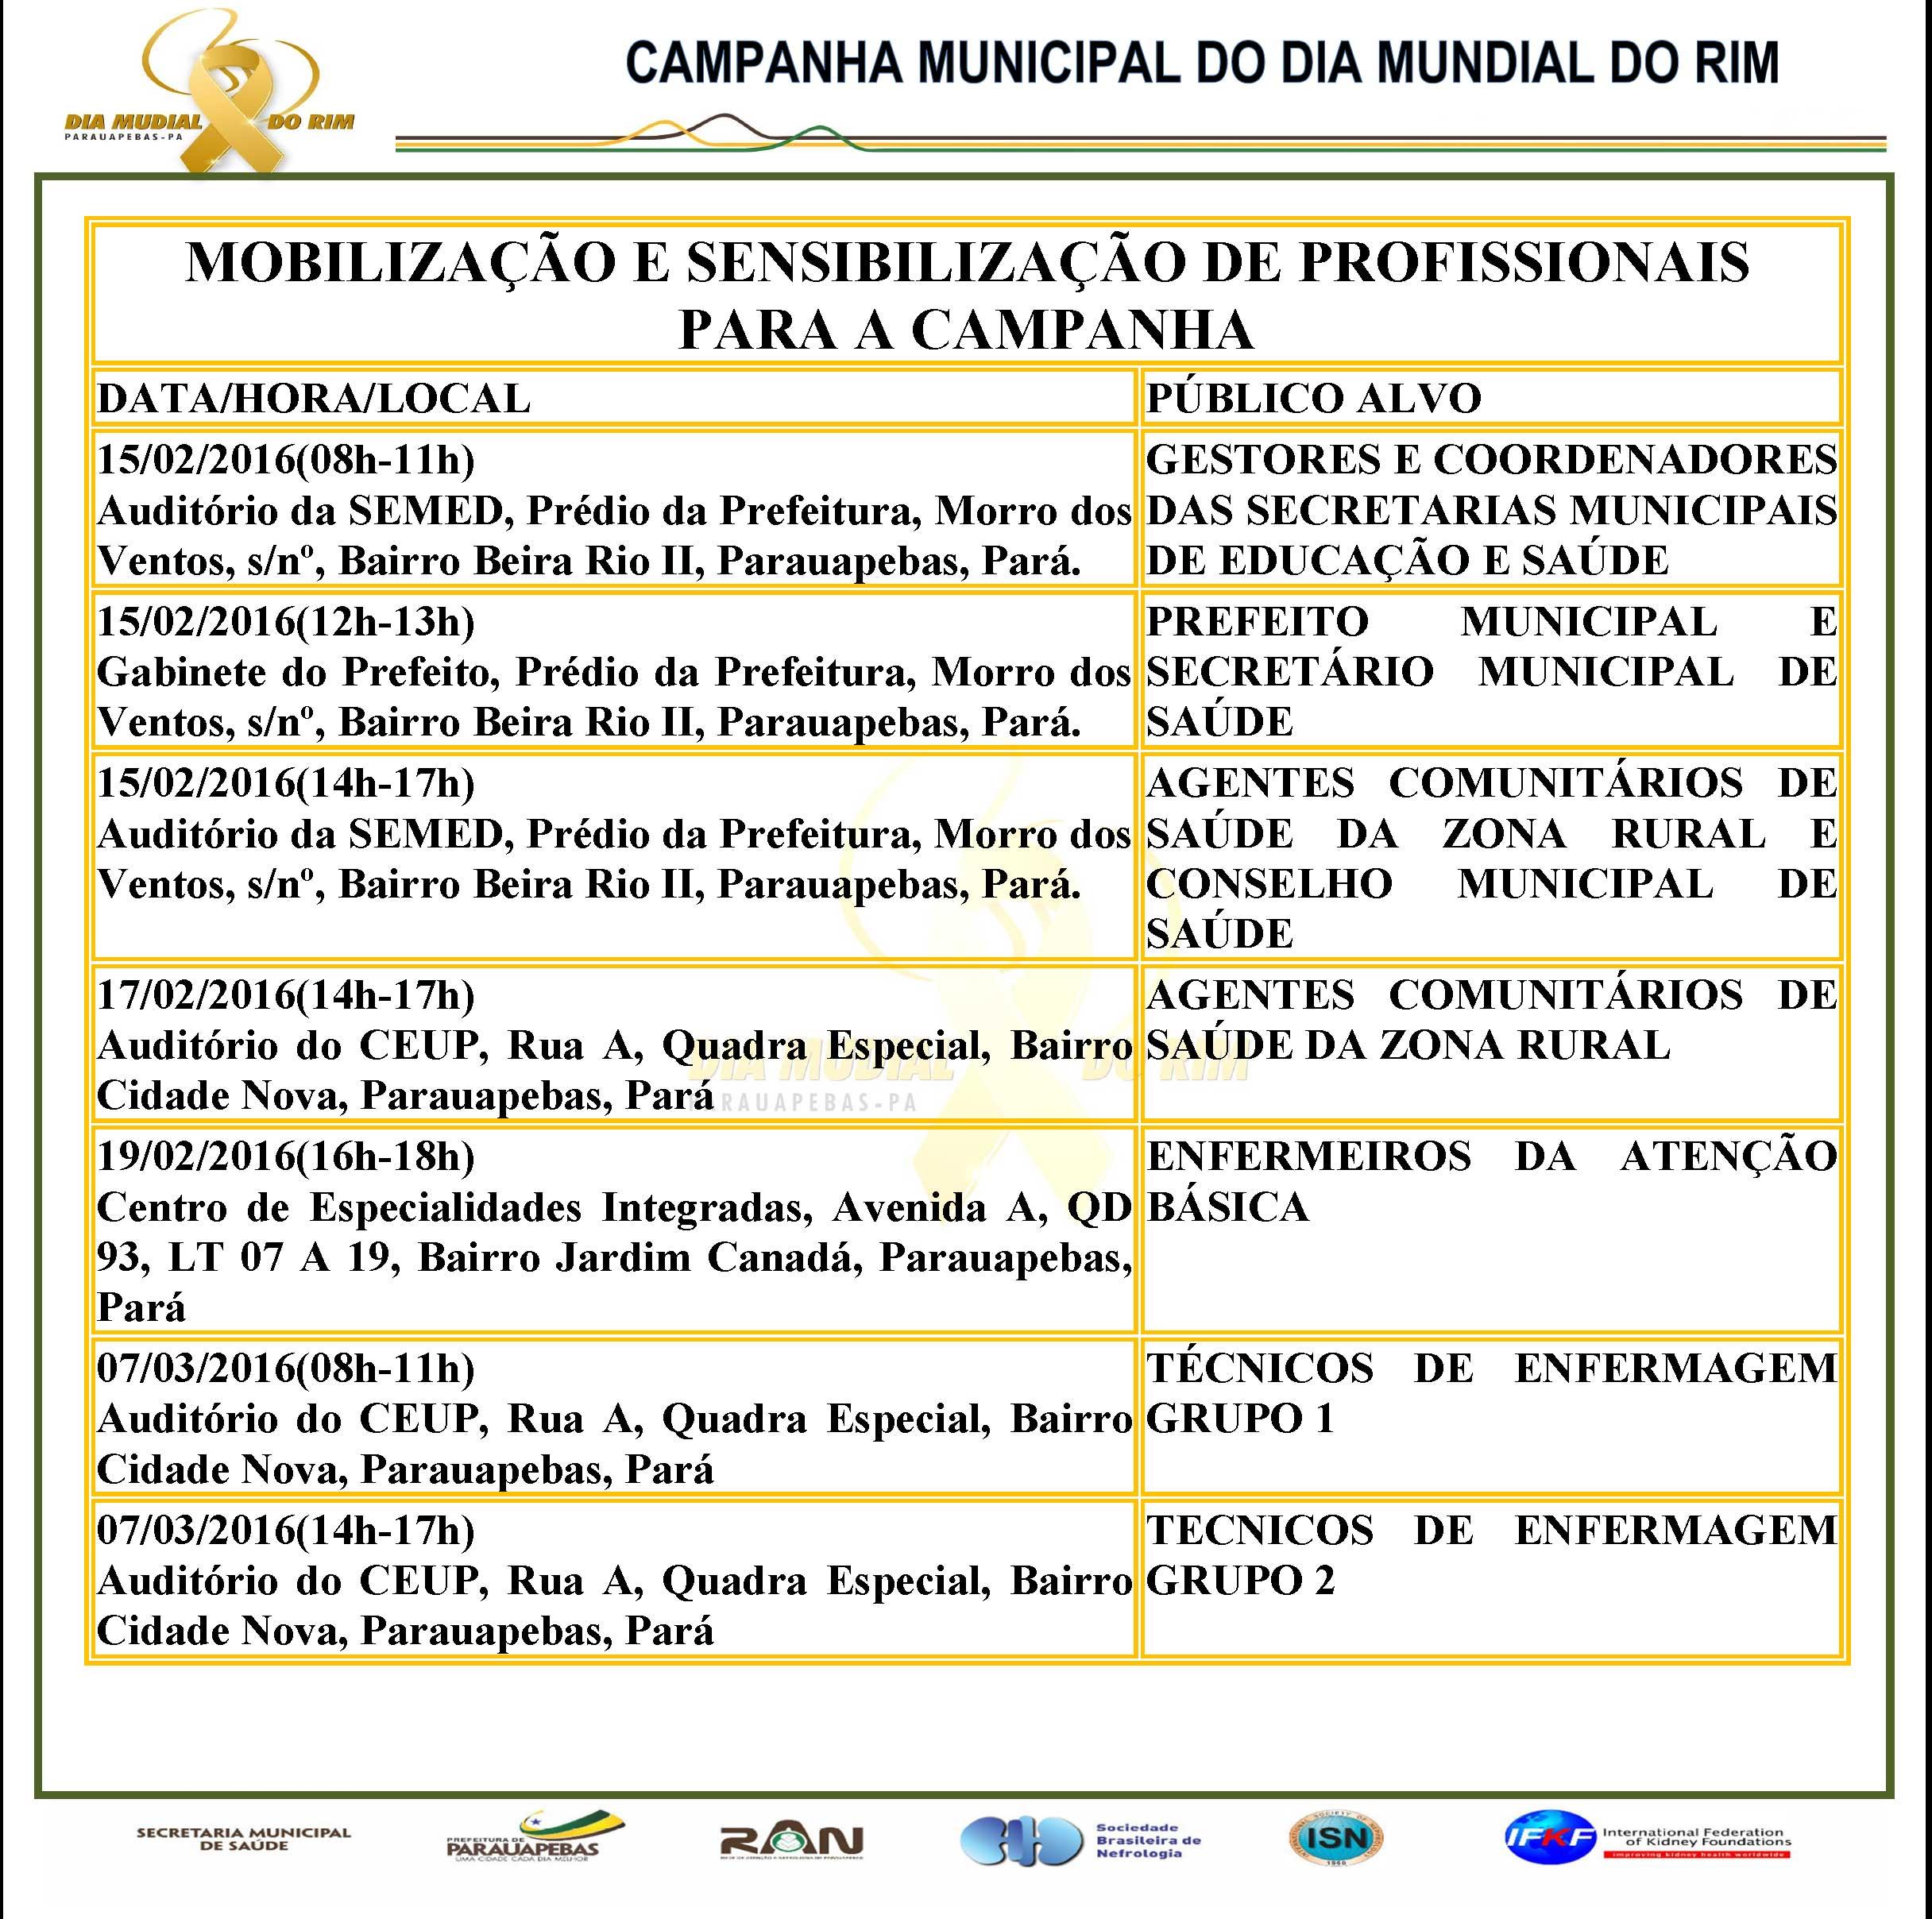 PARAUAPEBAS-PROGRAMAÇÃO-2-DIA-MUNDIAL-DO-RIM-2016-em-Parauapebas